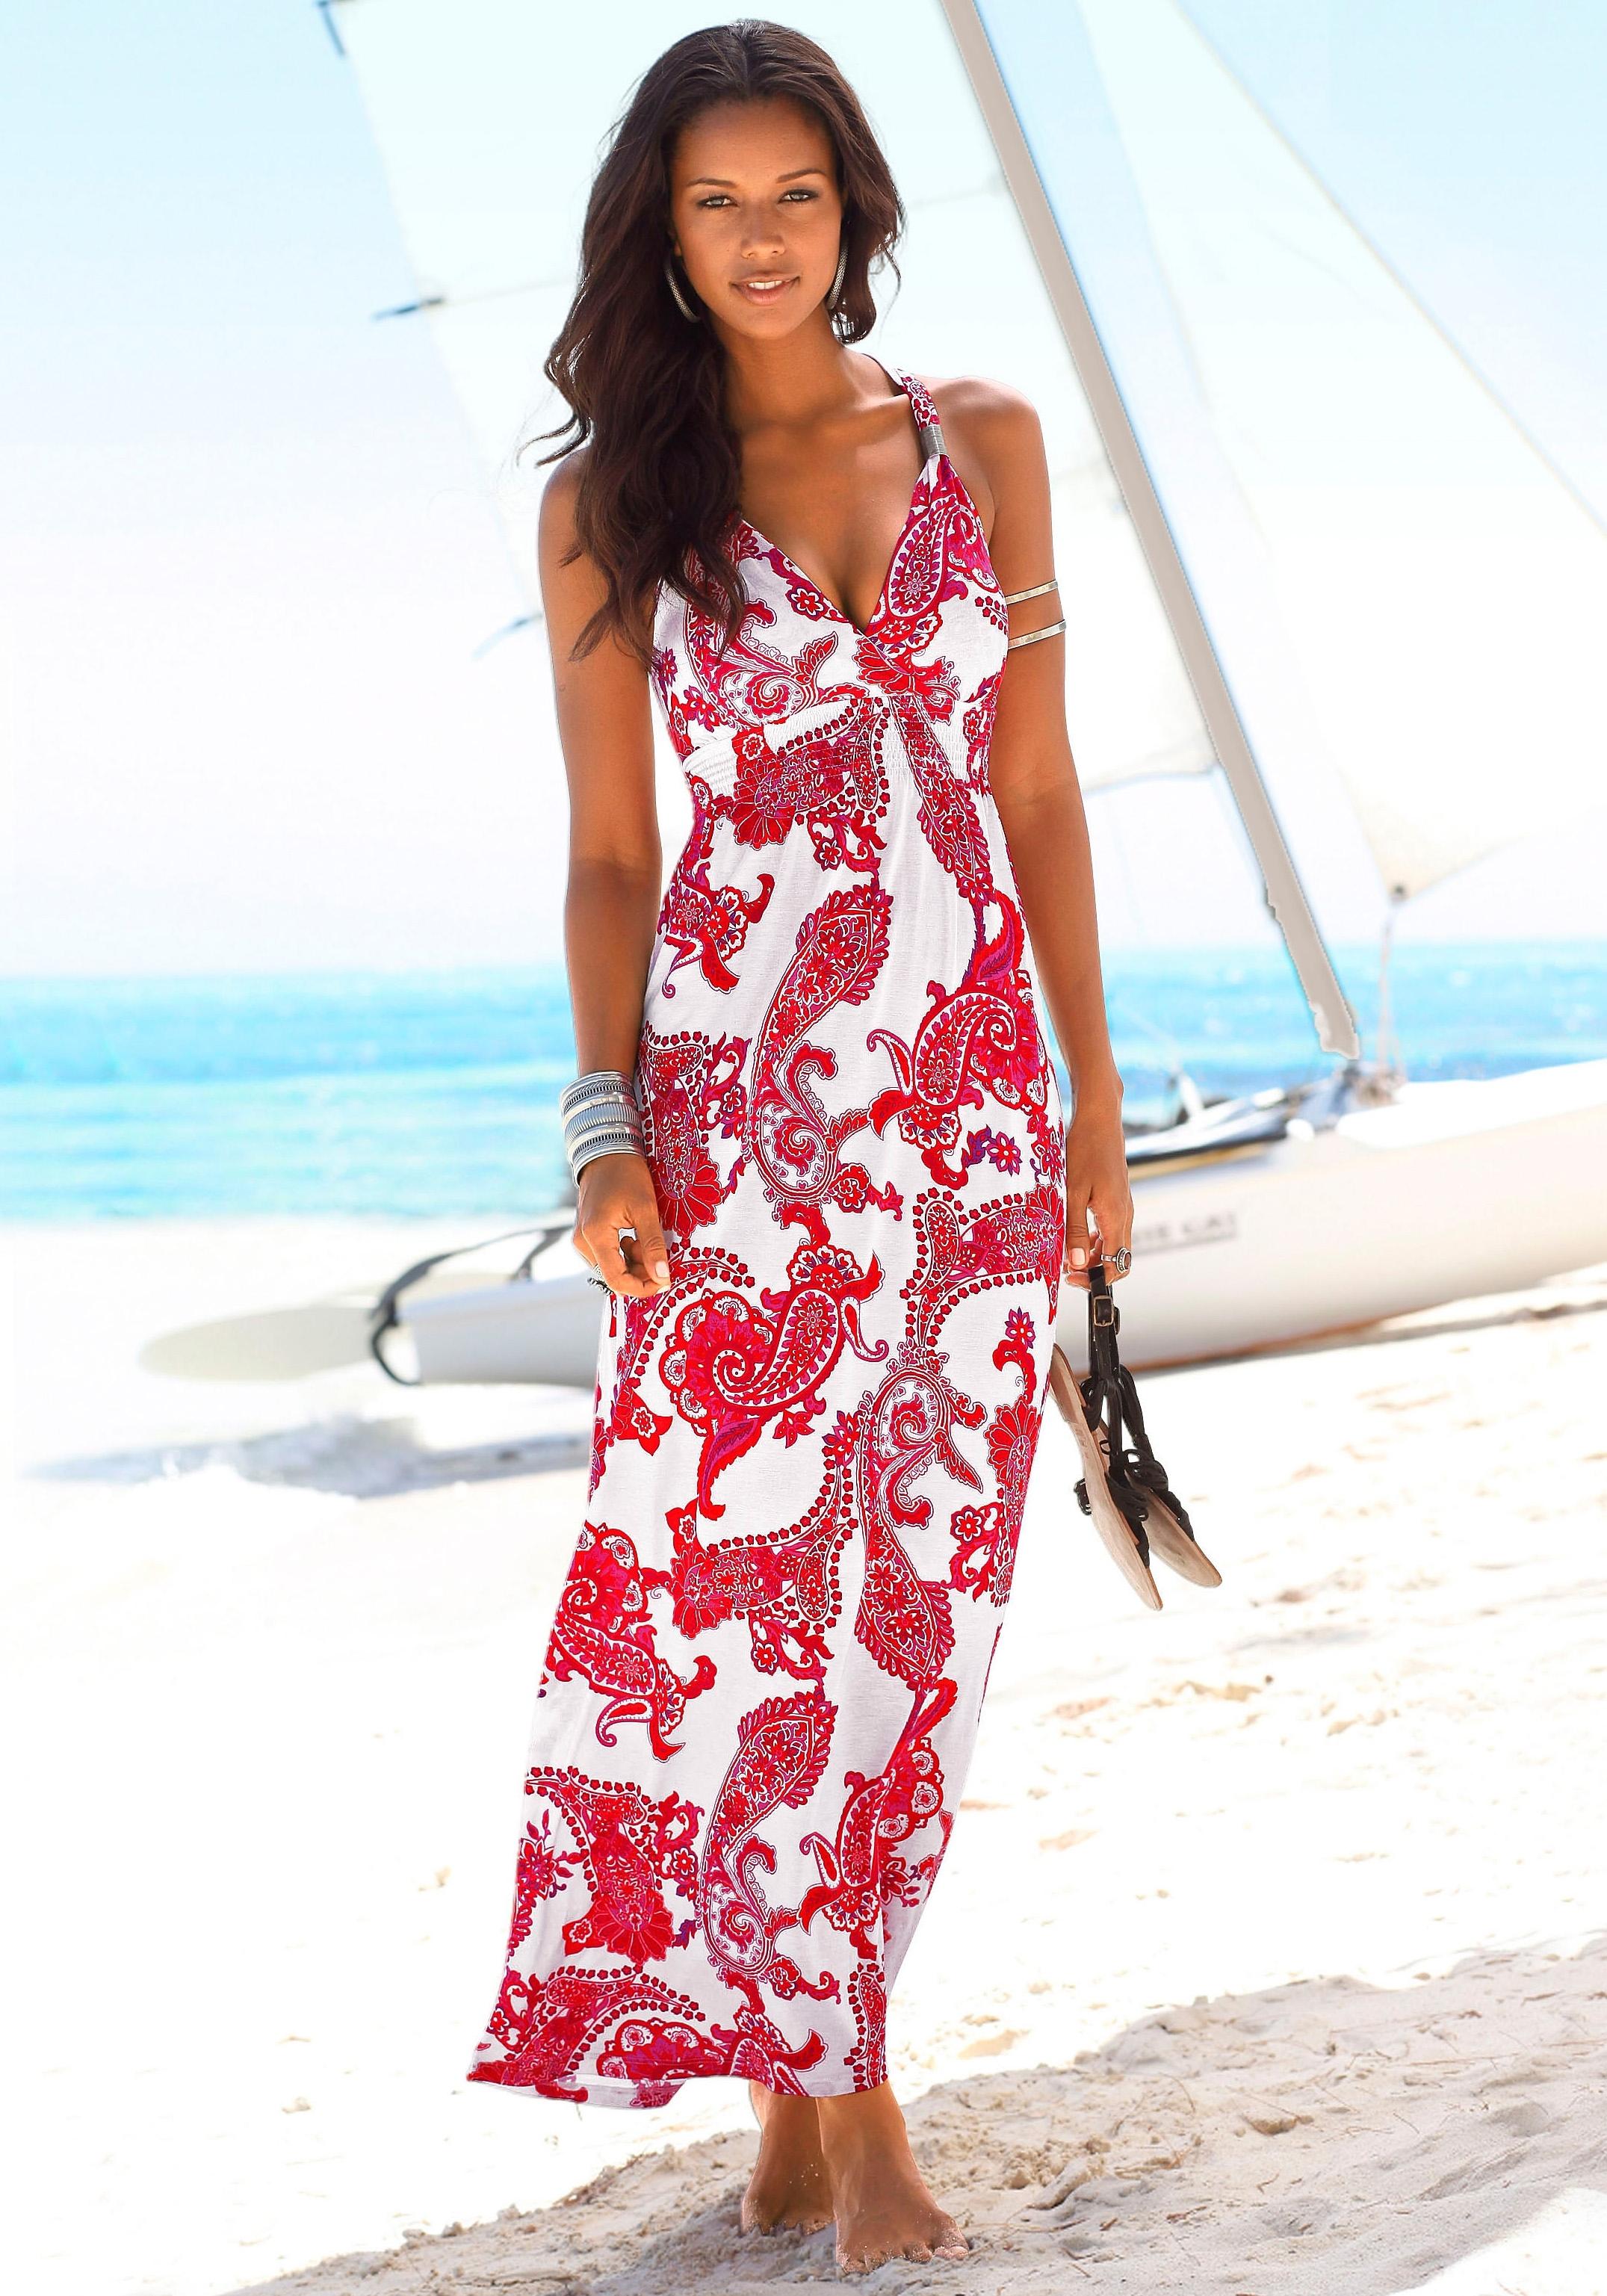 Op zoek naar een Lascana Maxi-jurk met verstelbare hals? Koop online bij Lascana